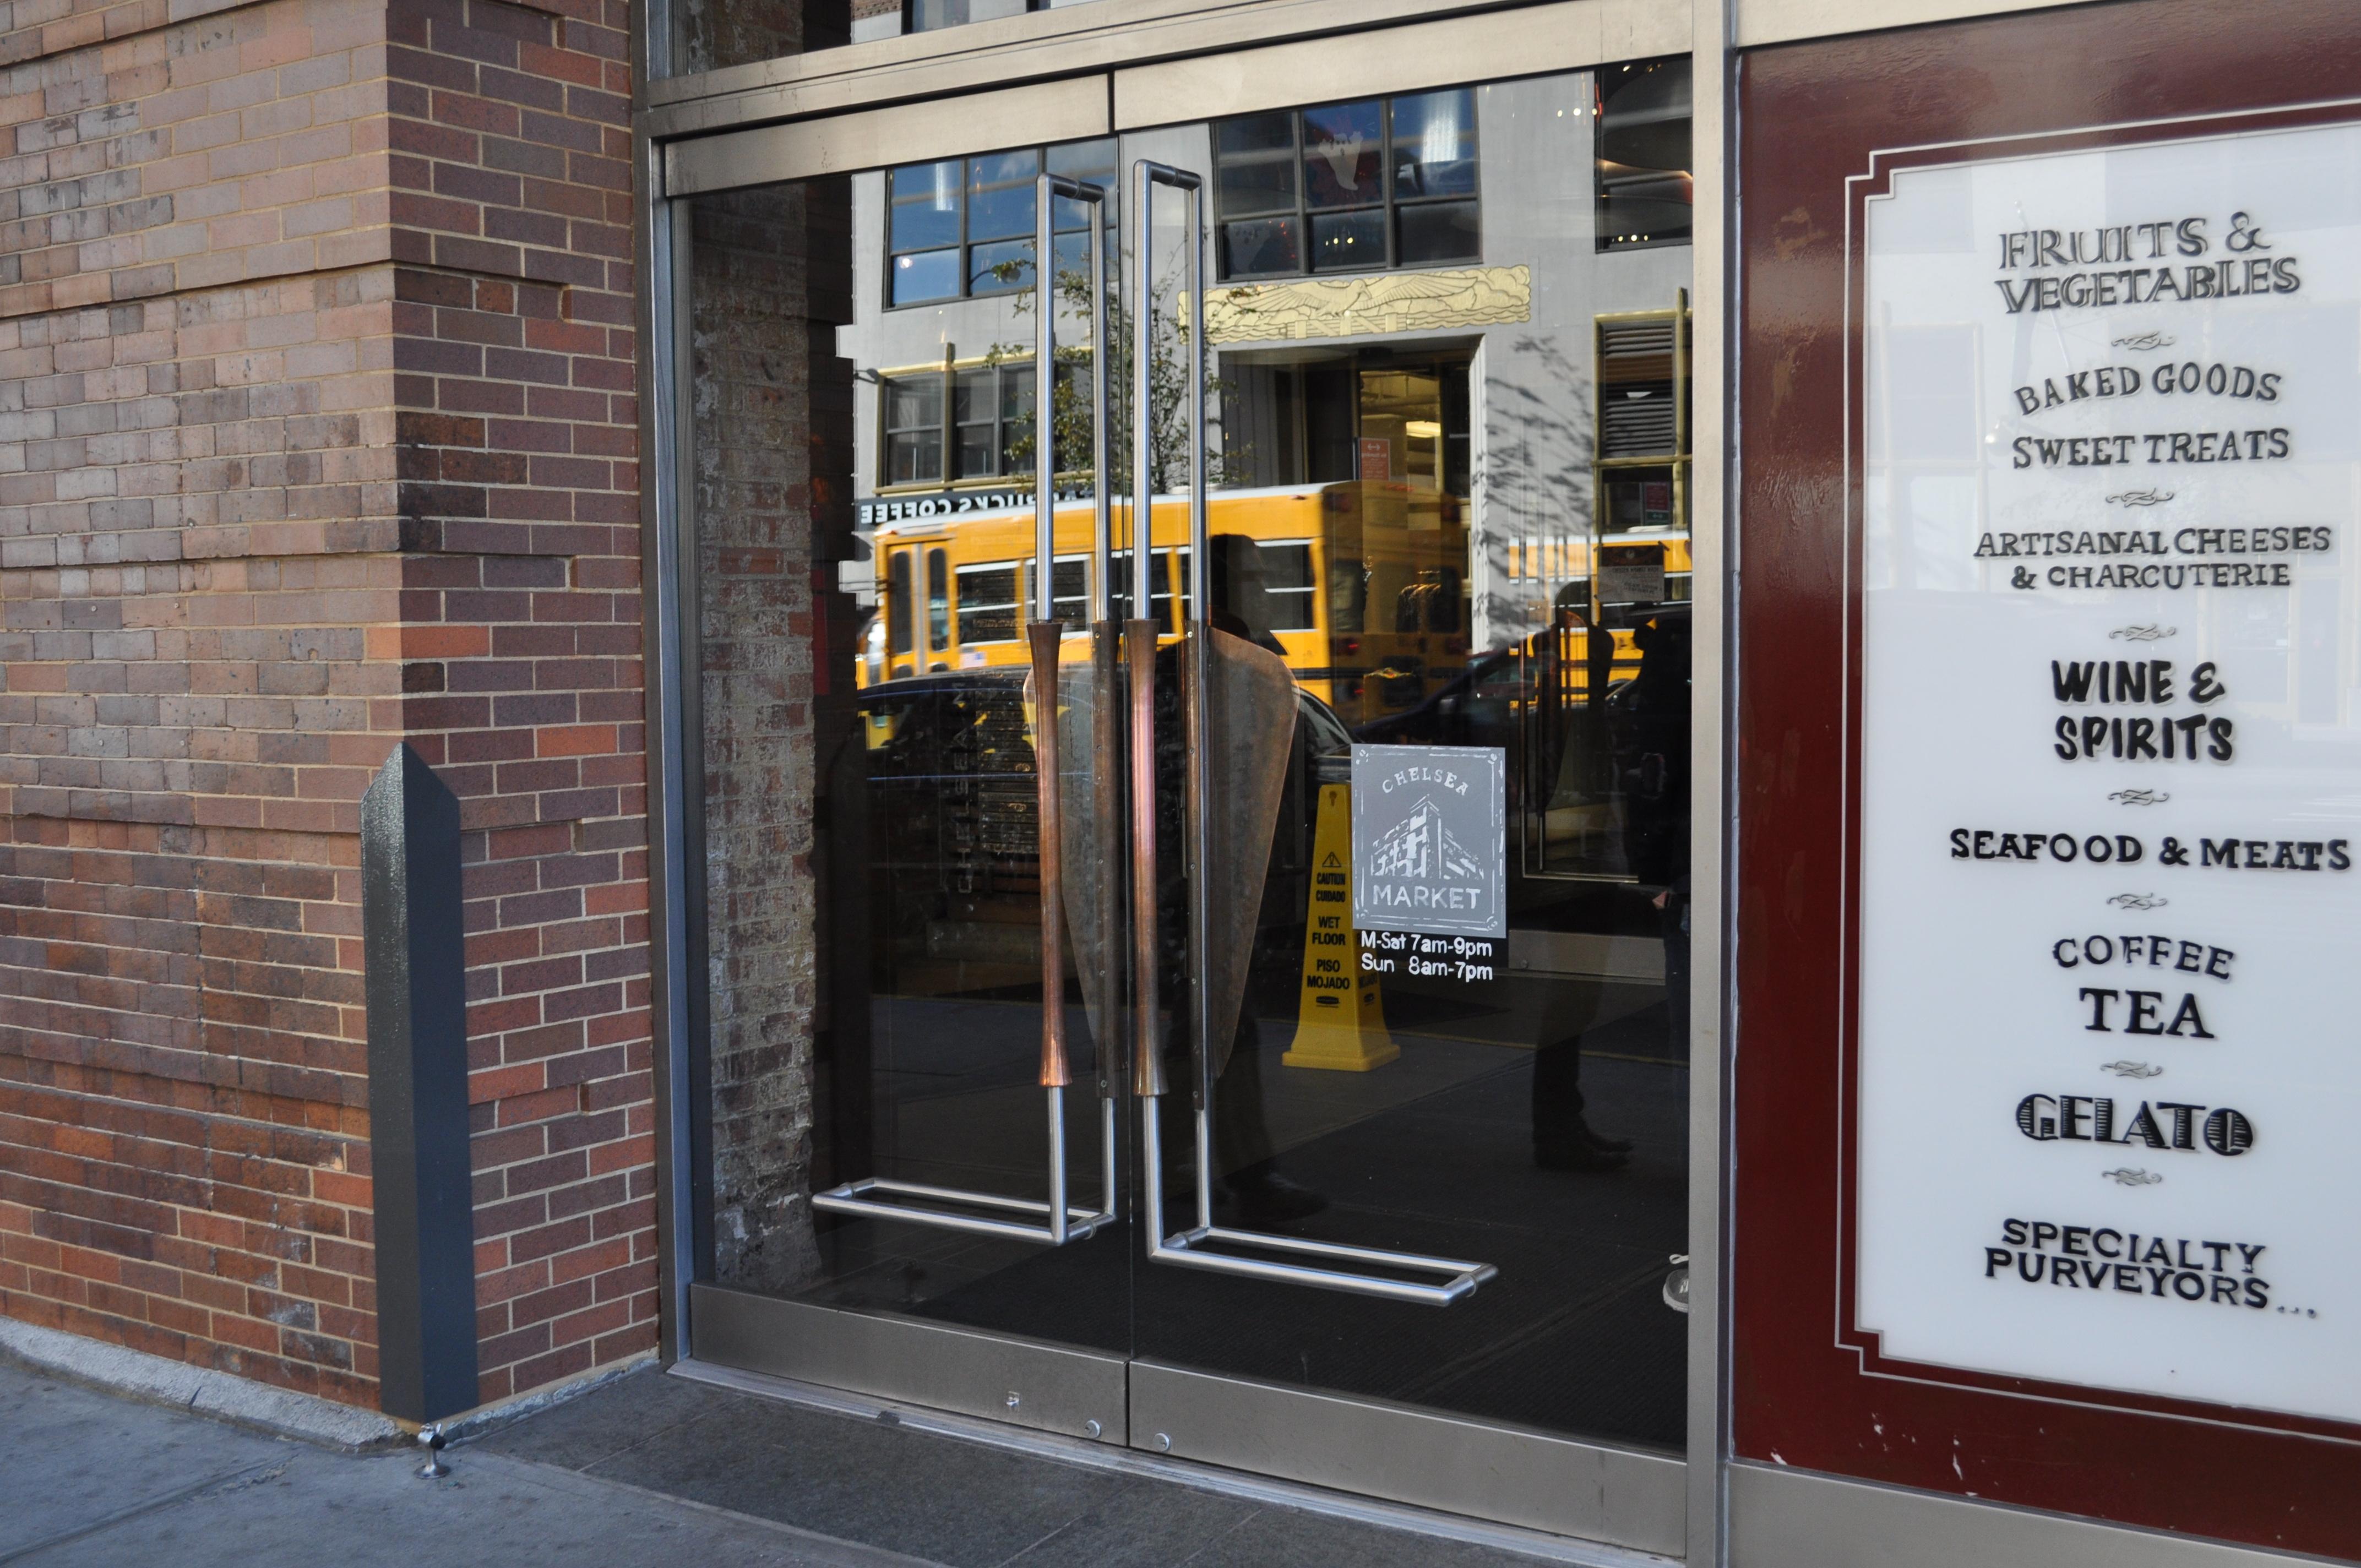 Entrance hardware & chelsea market u2013 Art u0026 Architectural Hardware Blog pezcame.com